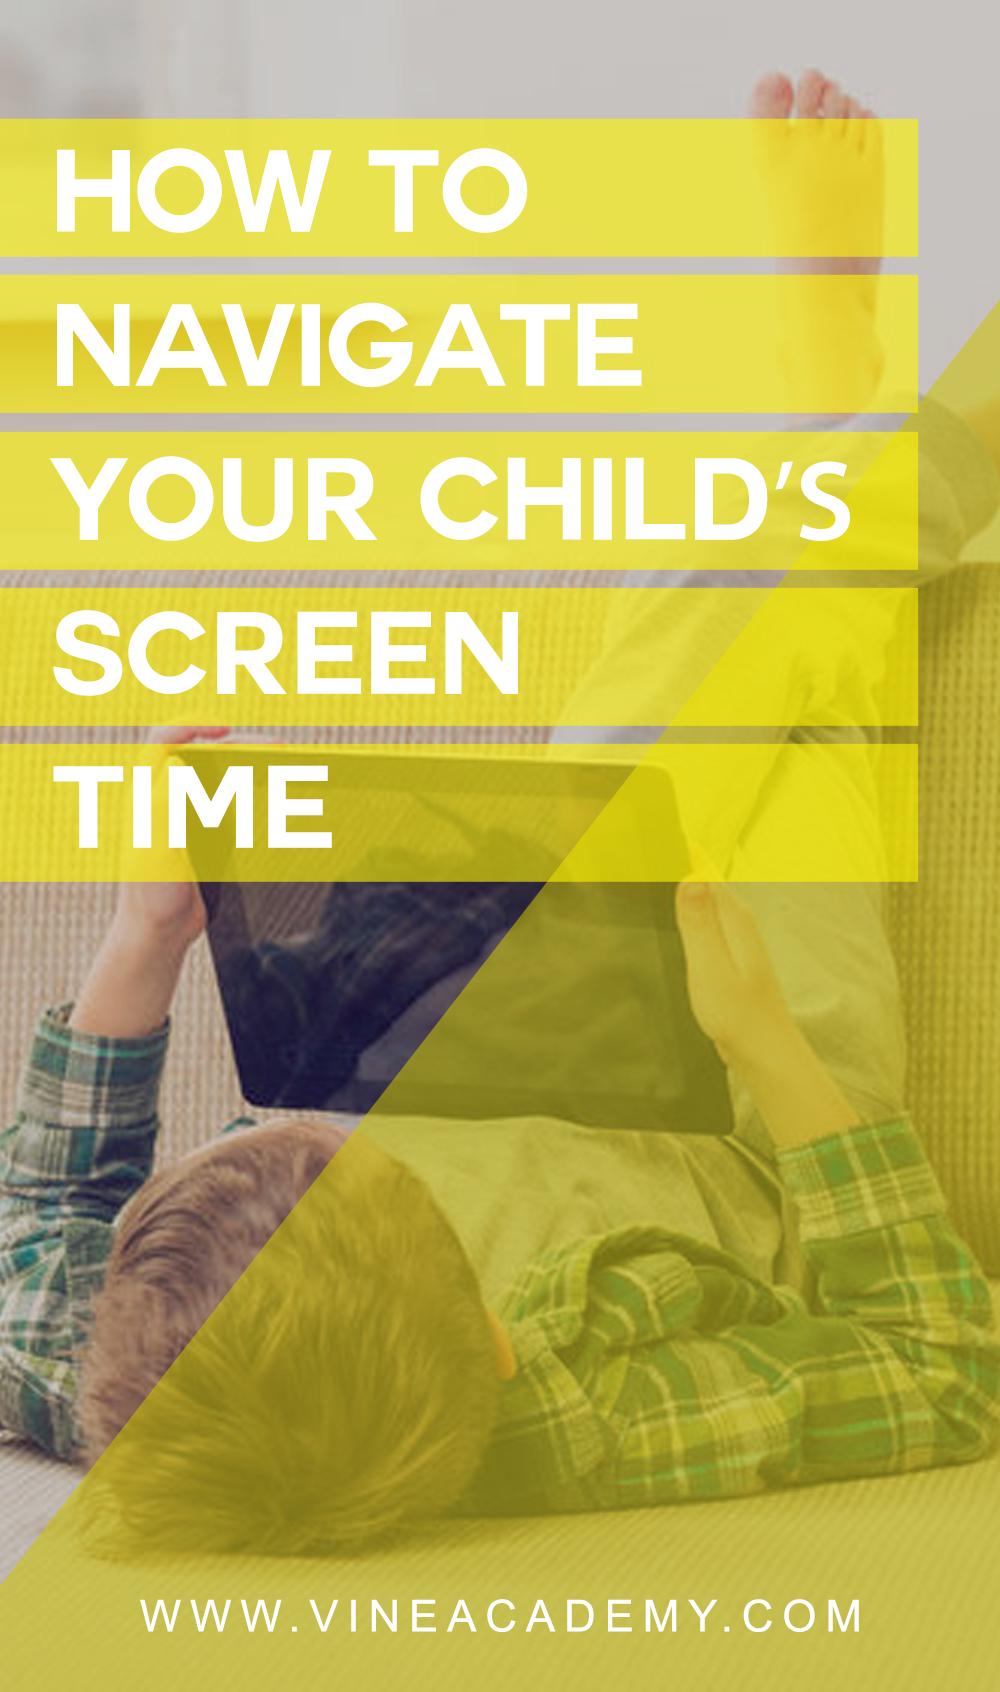 navigate screen time.jpg